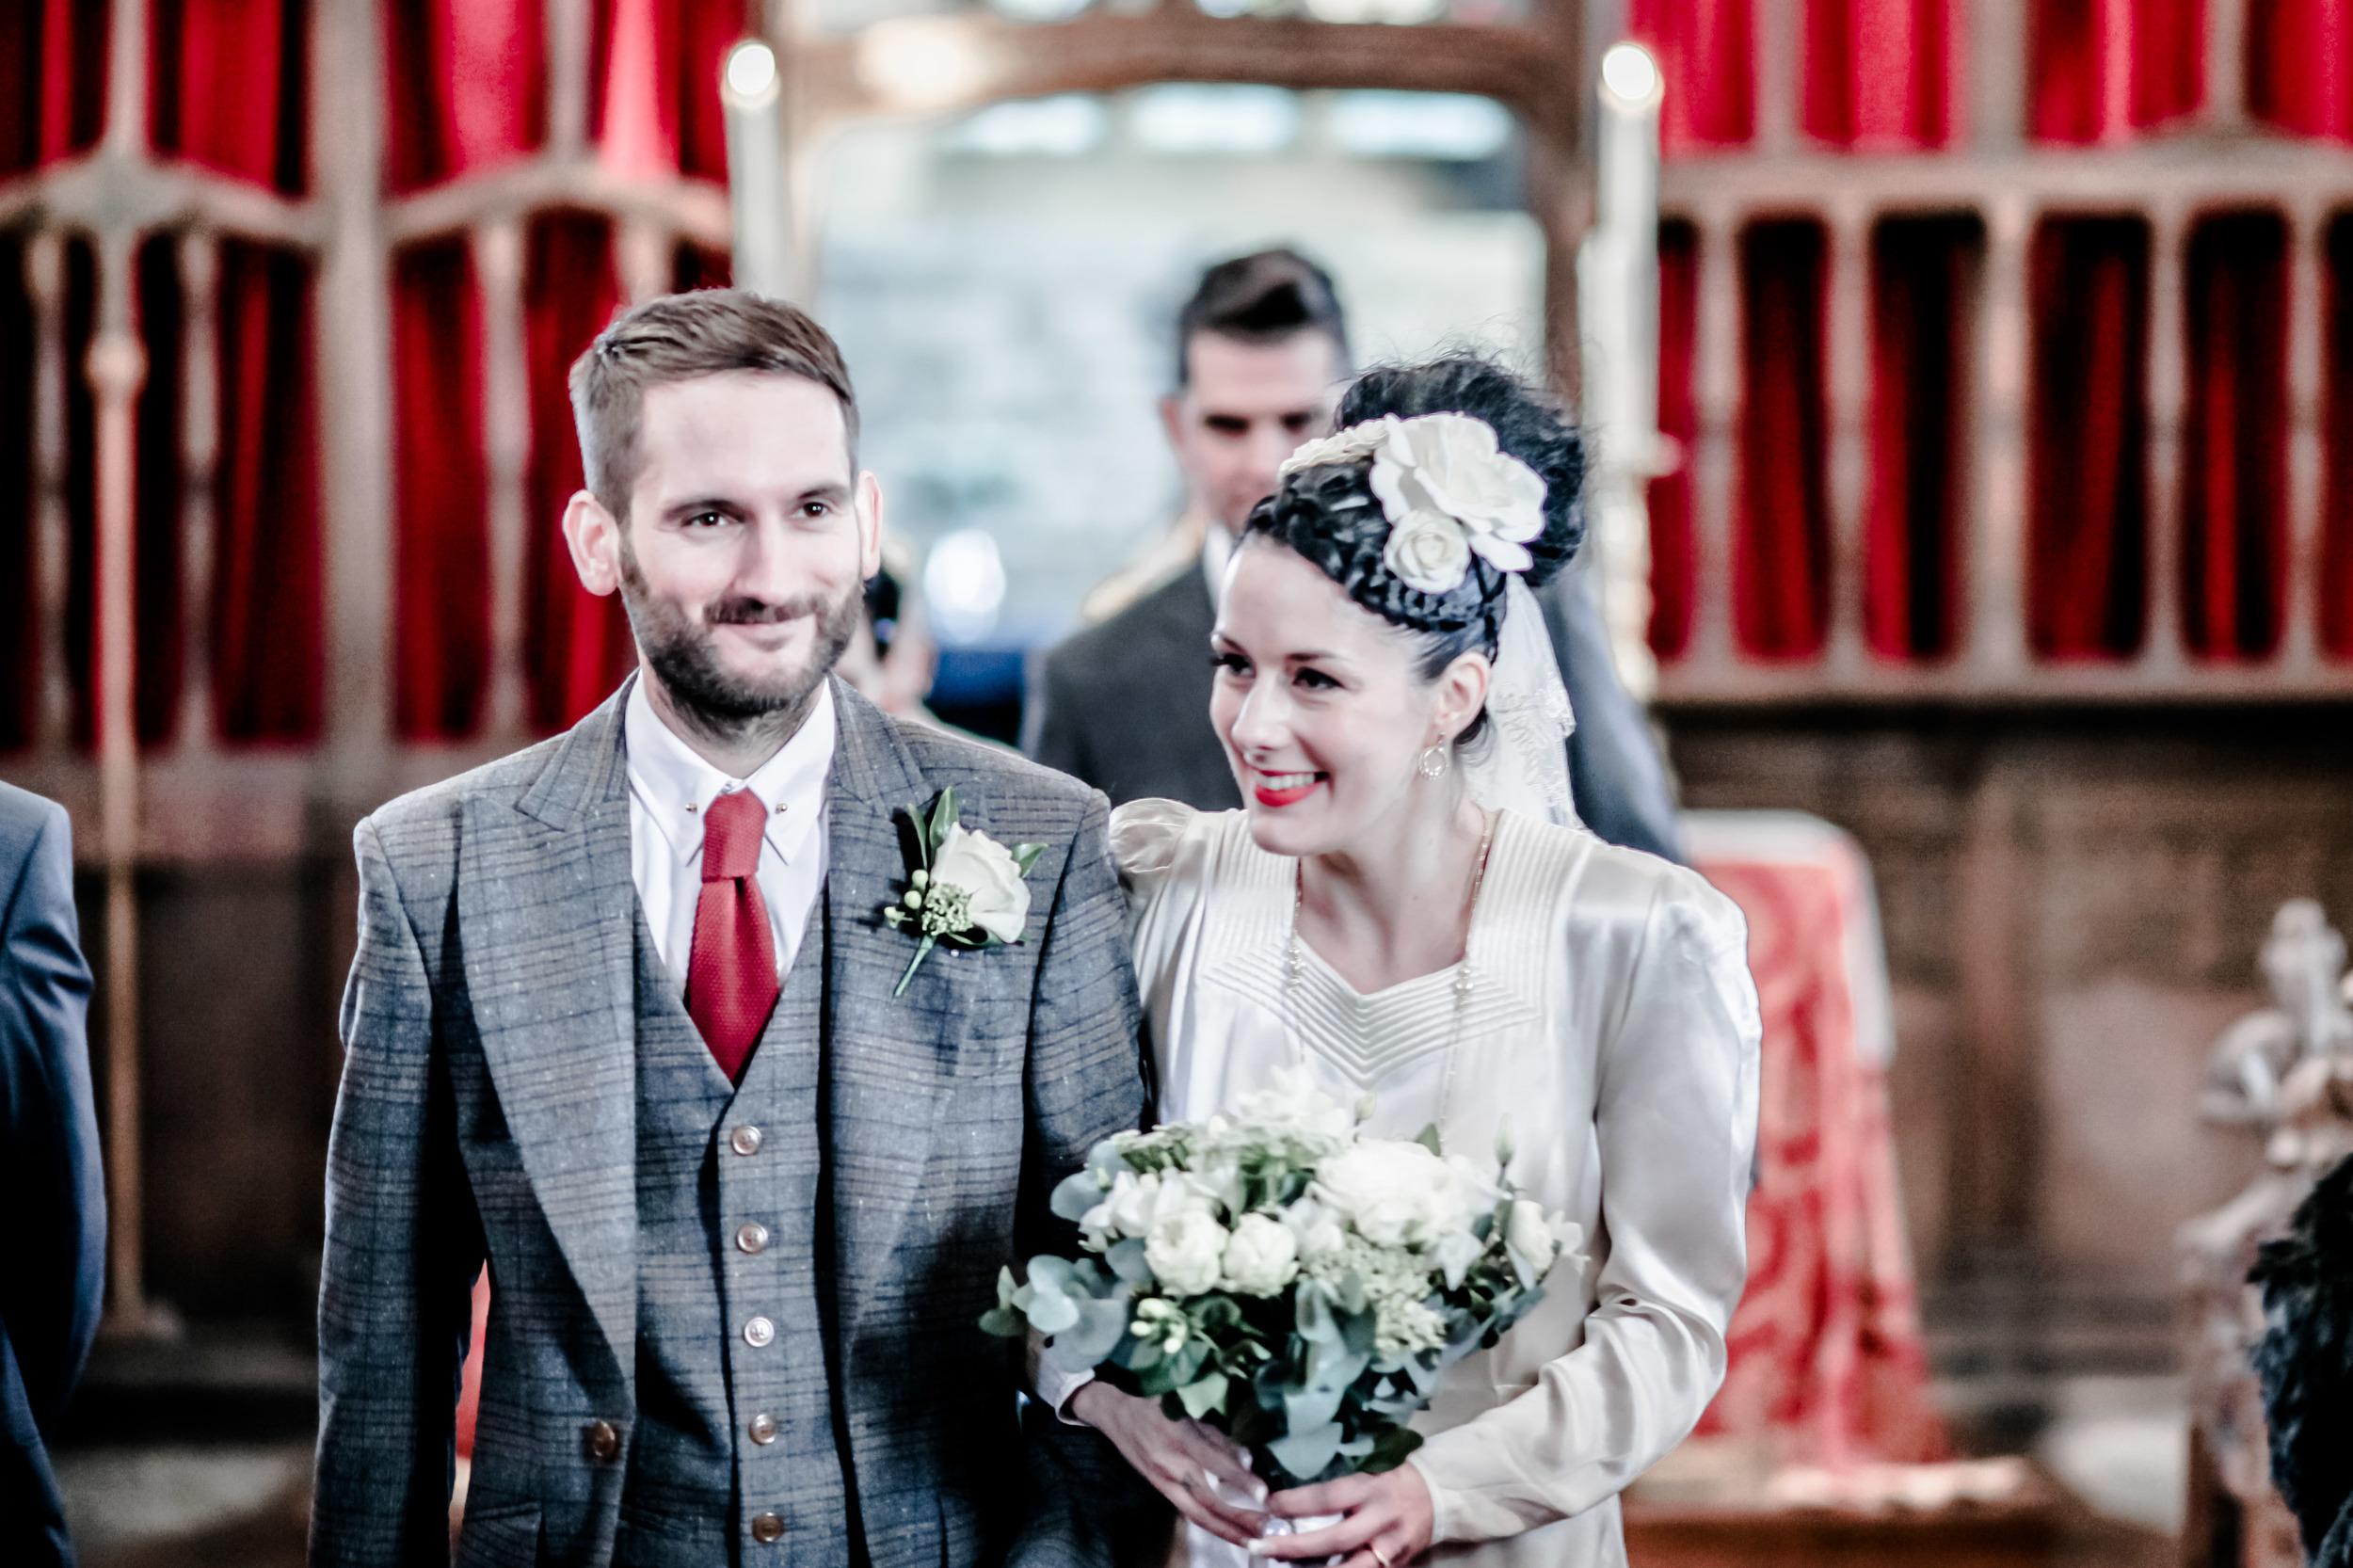 099 - Angela and Karls Wedding by www.markpugh.com -5902.jpg